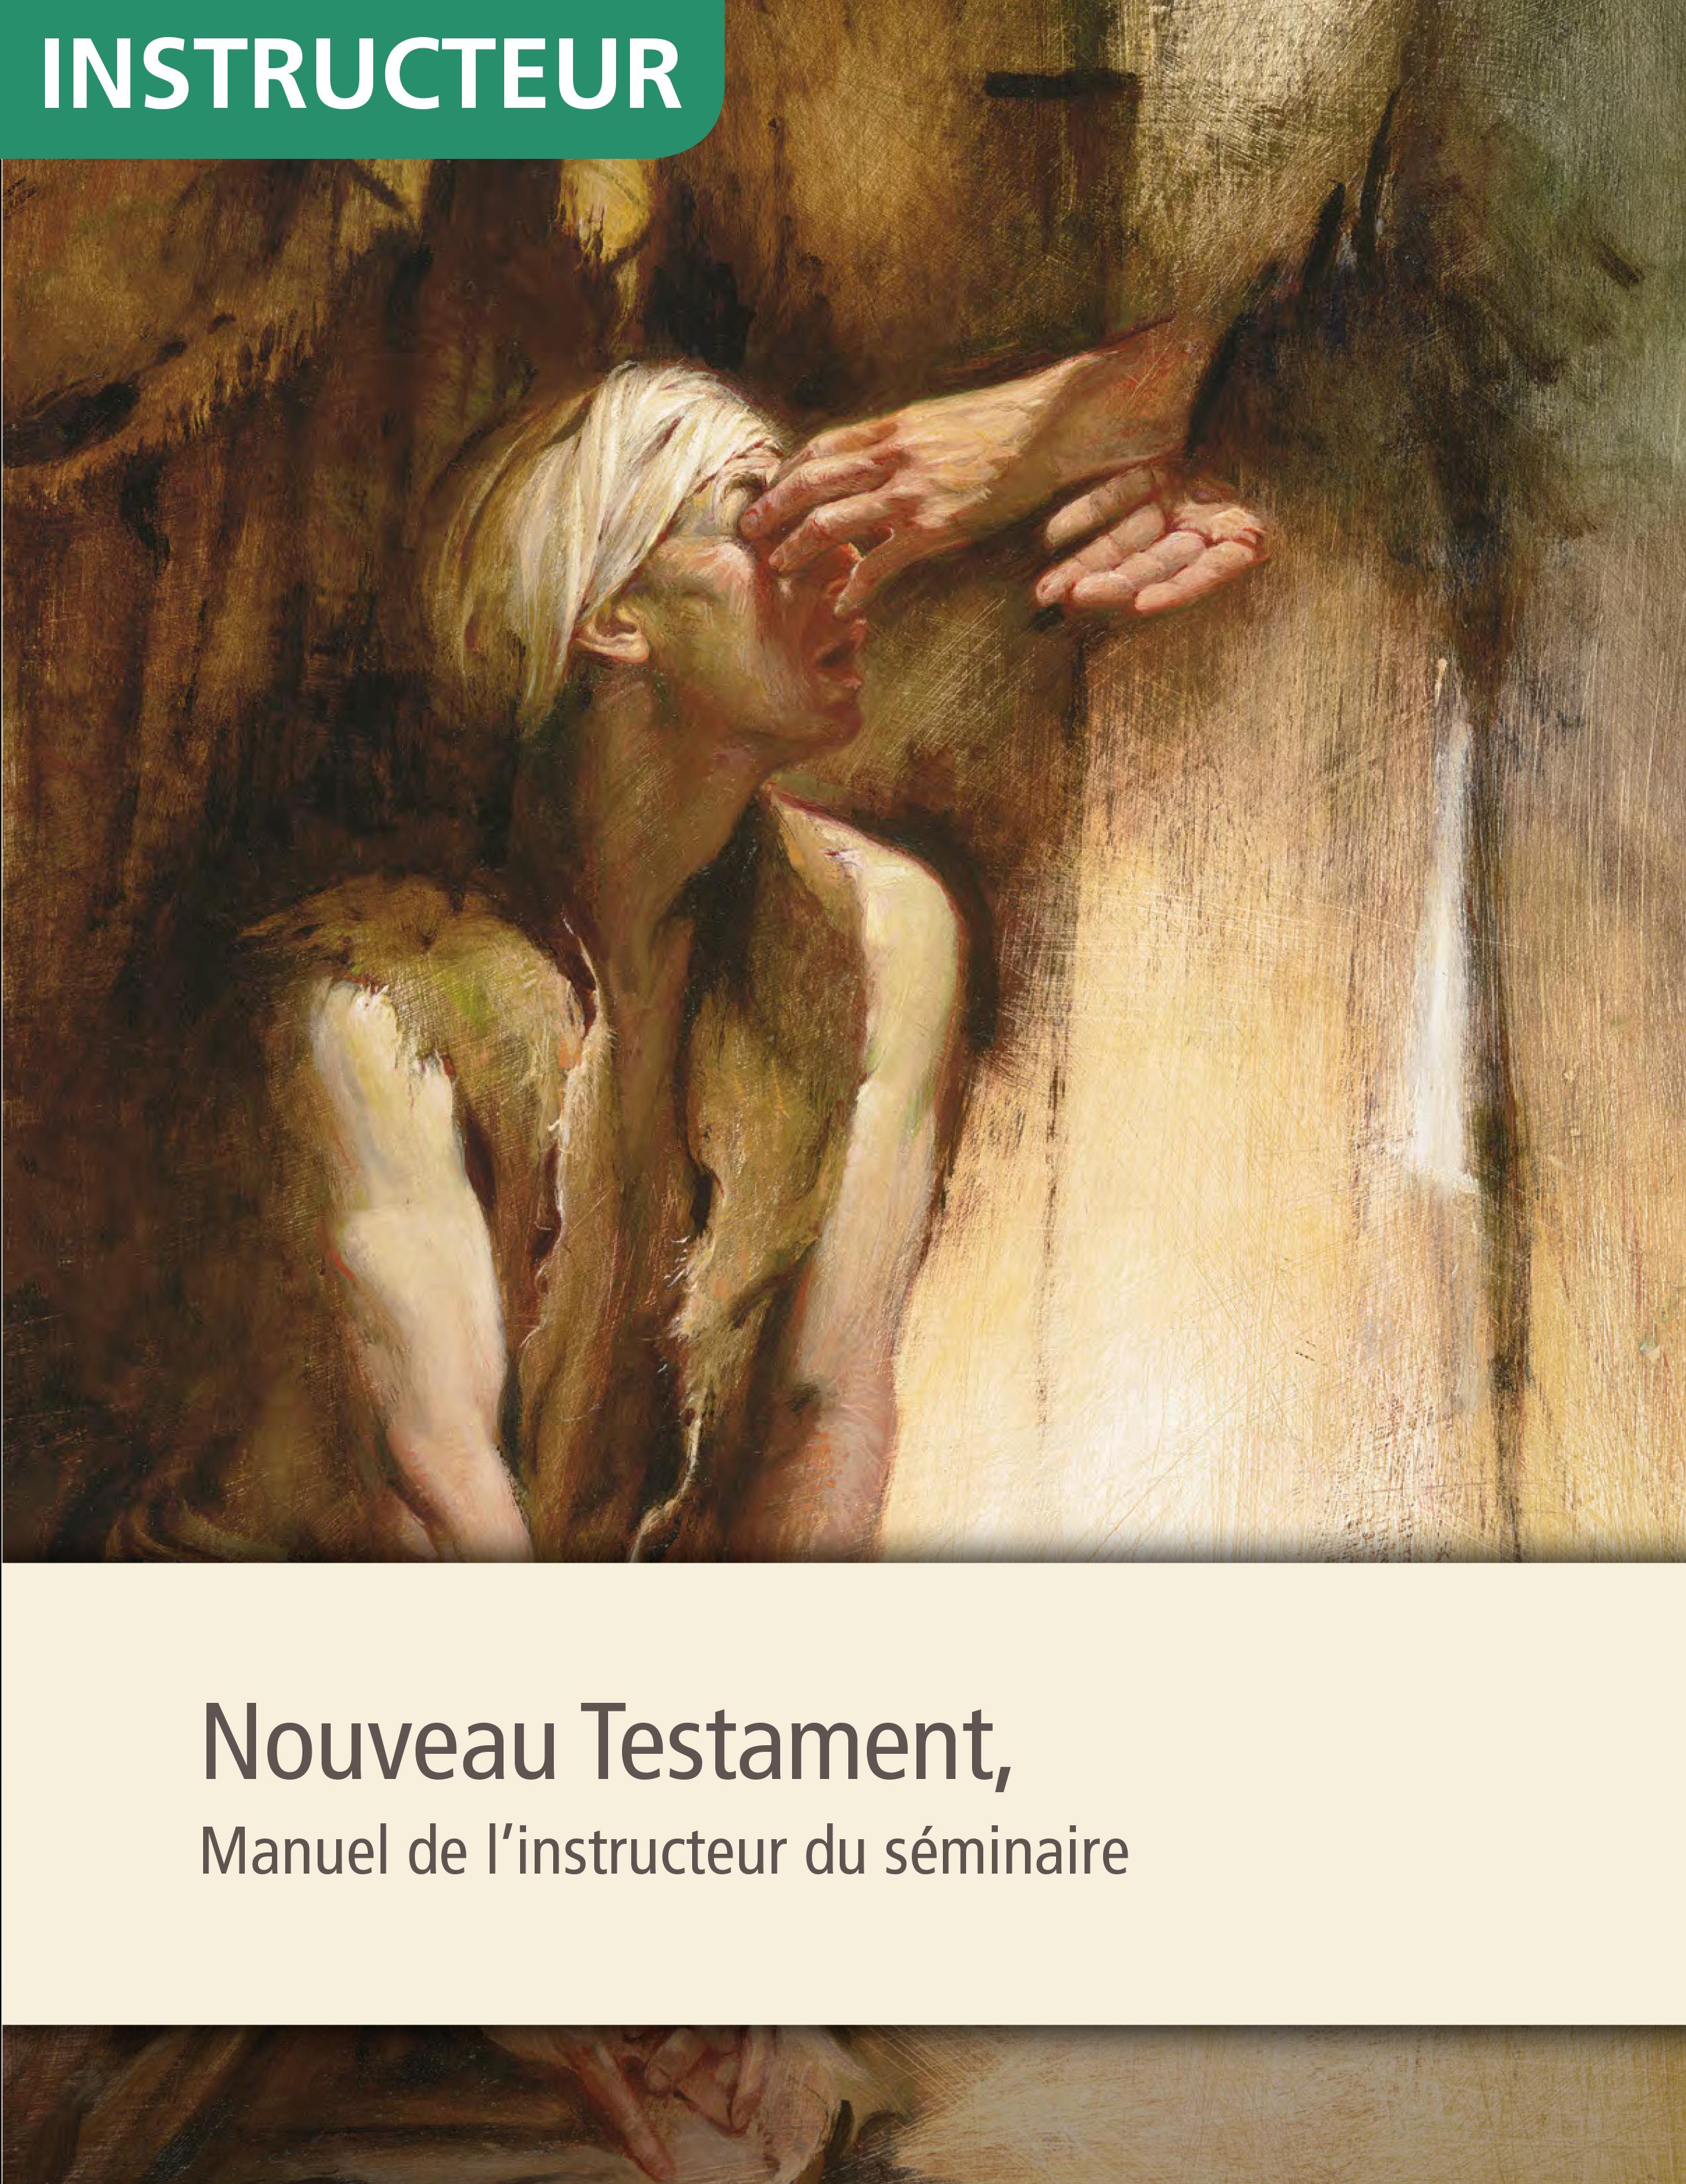 Nouveau Testament, manuel de l'instructeur de séminaire